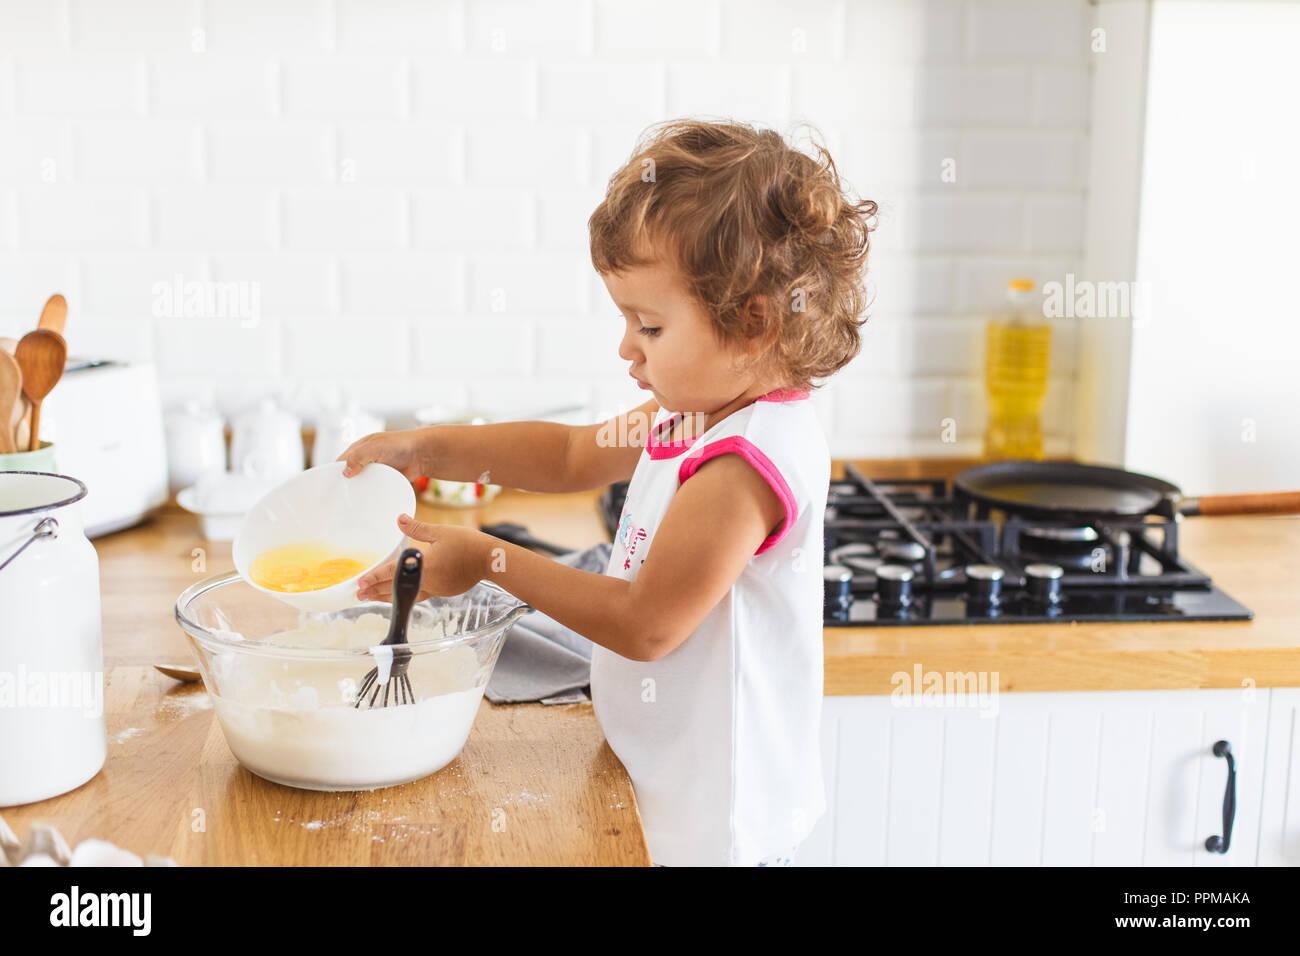 Bambina preparazione impasto per frittelle alla cucina. Concetto di preparazione alimentare, cucina bianca su sfondo. Uno stile di vita informale foto serie a re Immagini Stock